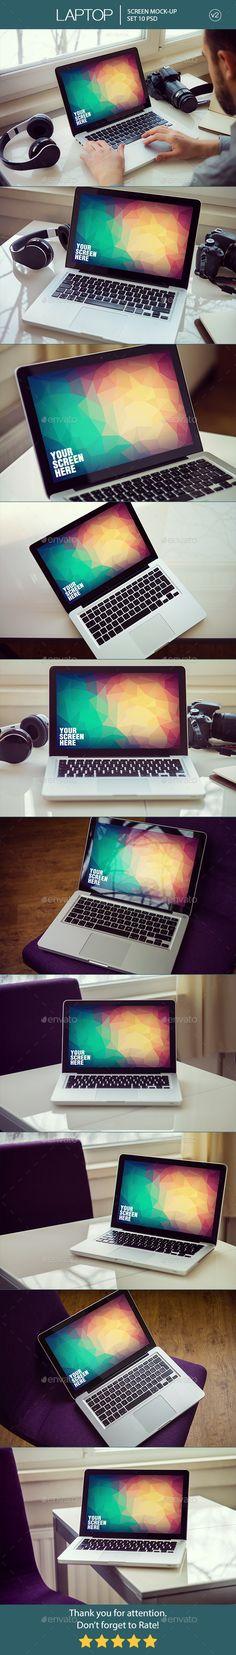 Laptop Screen Mockup v2